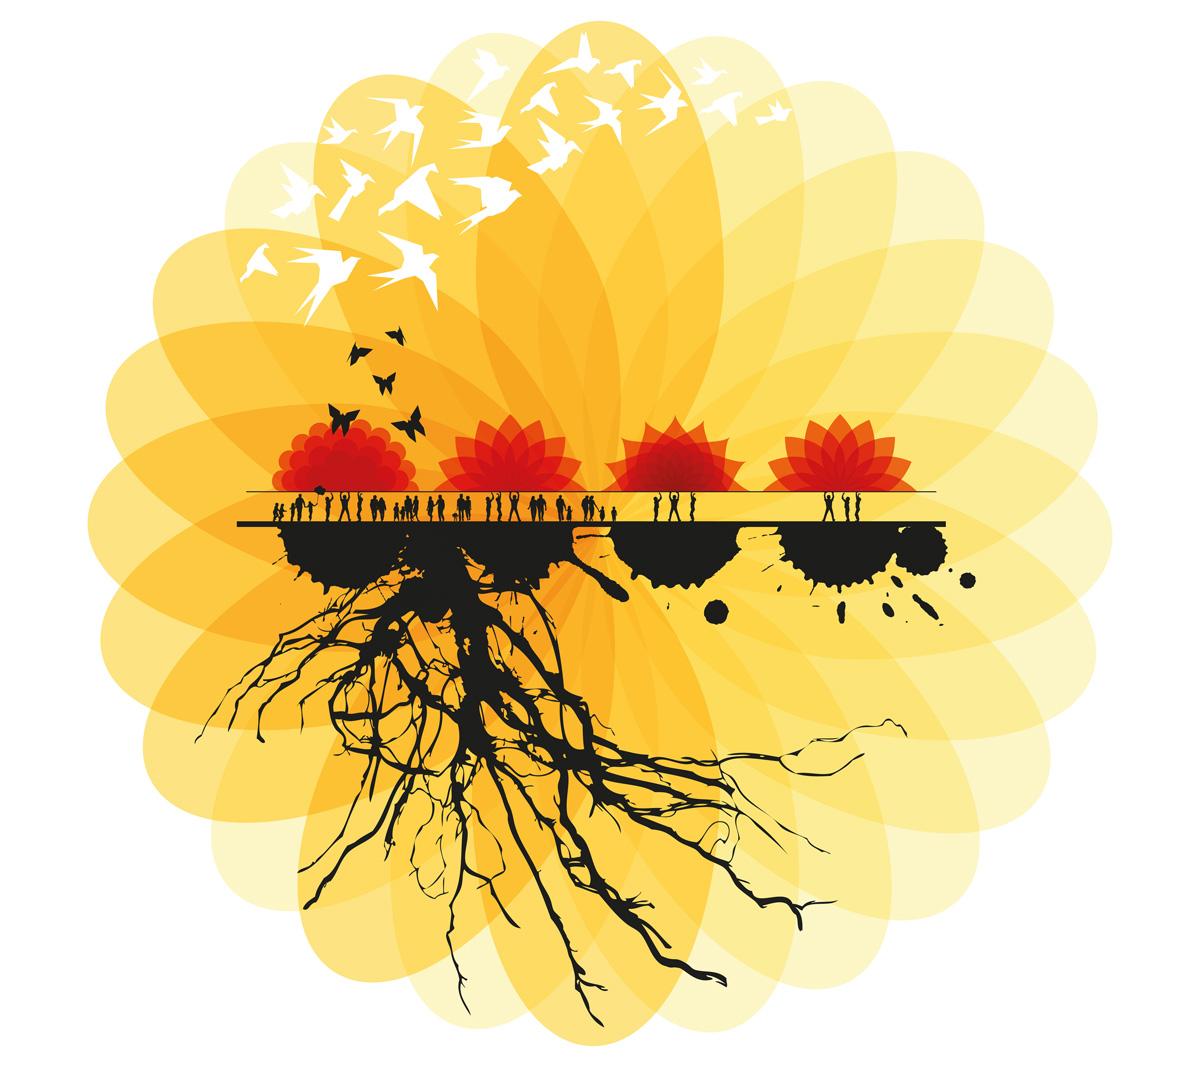 """Il.lustració de la Fira de Calella i l'Alt Maresme """"Catalunya, les arrels d'un país únic"""". Obra de Carme Guri, dissenyadora gràfica"""